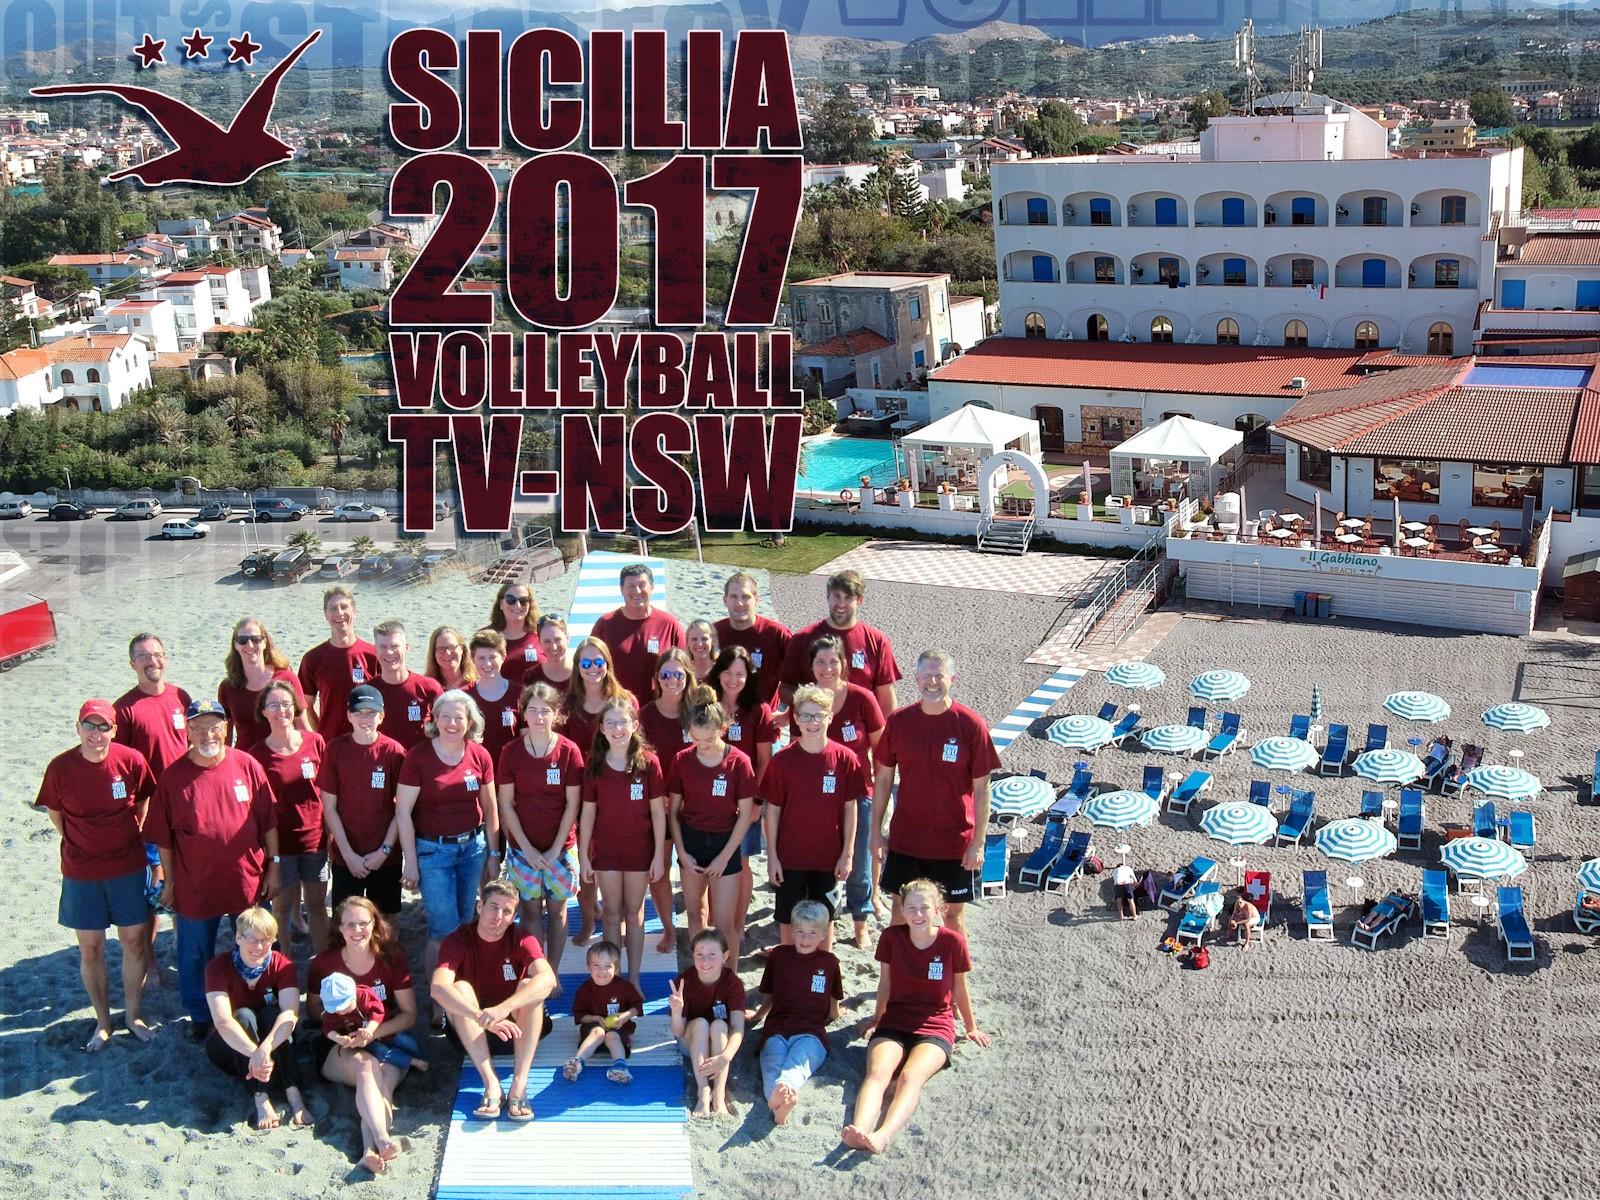 Volleyballtrainingslager Sicilia 2017 – Rückblick